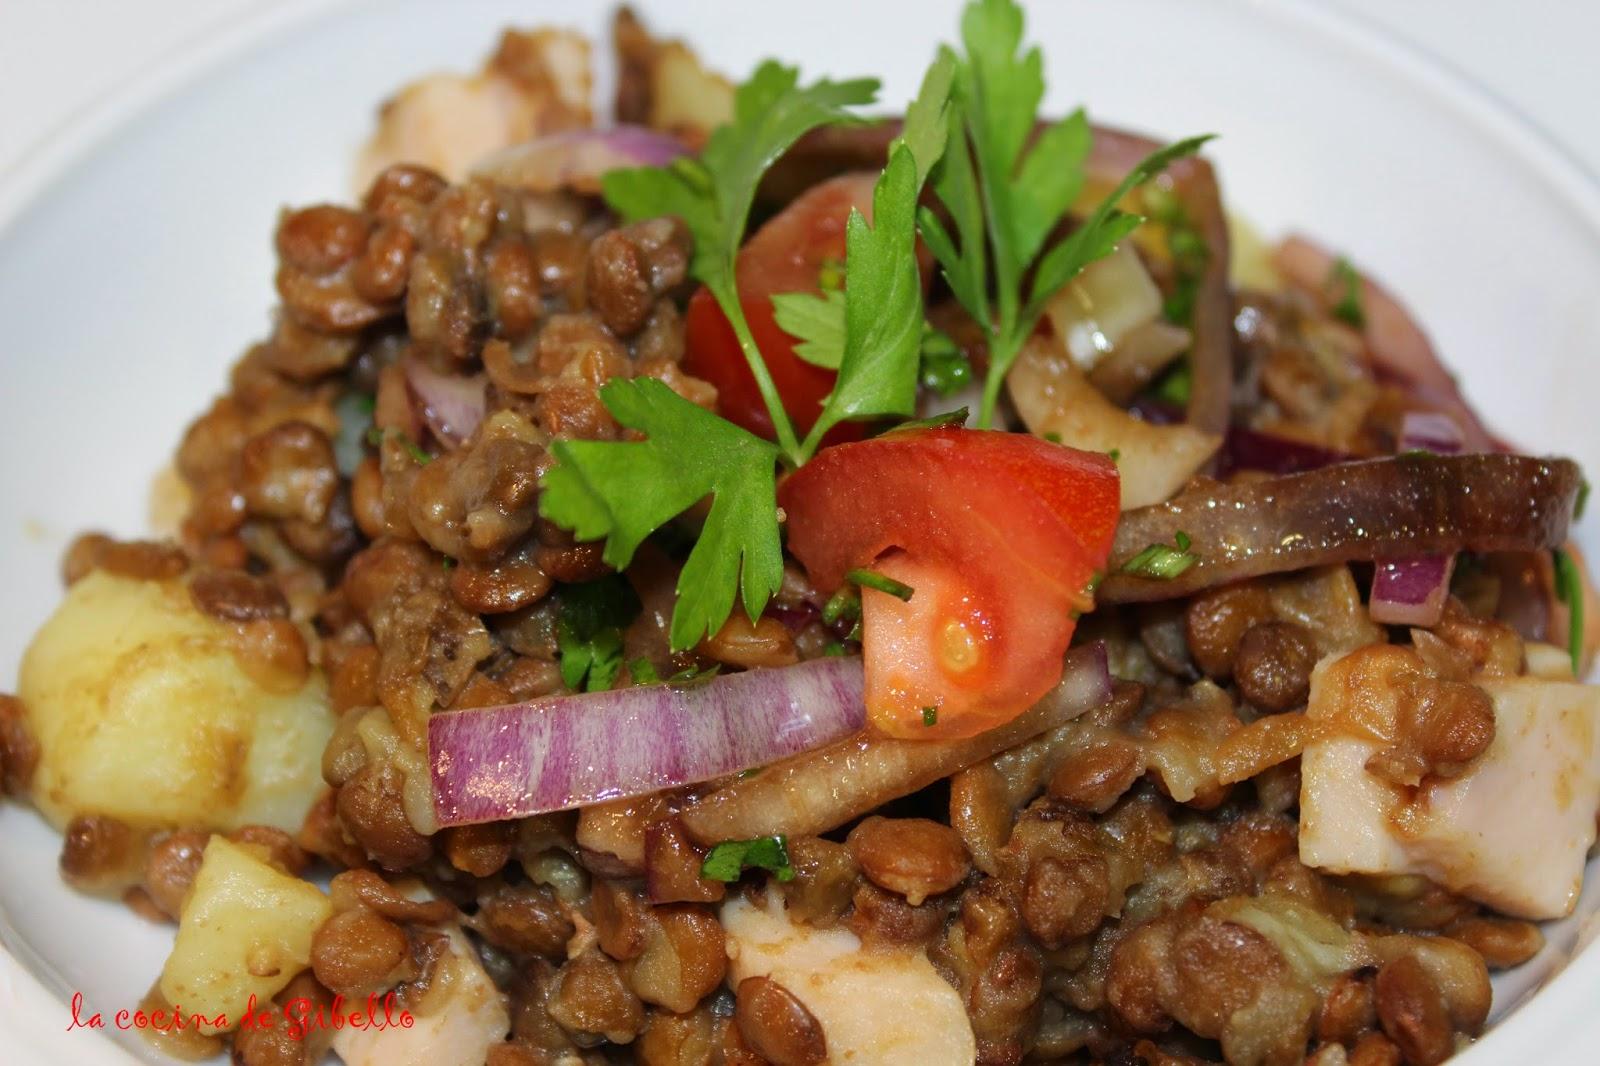 La cocina de gibello ensalada templada de patatas lentejas y pavo - Lentejas con costillas y patatas ...